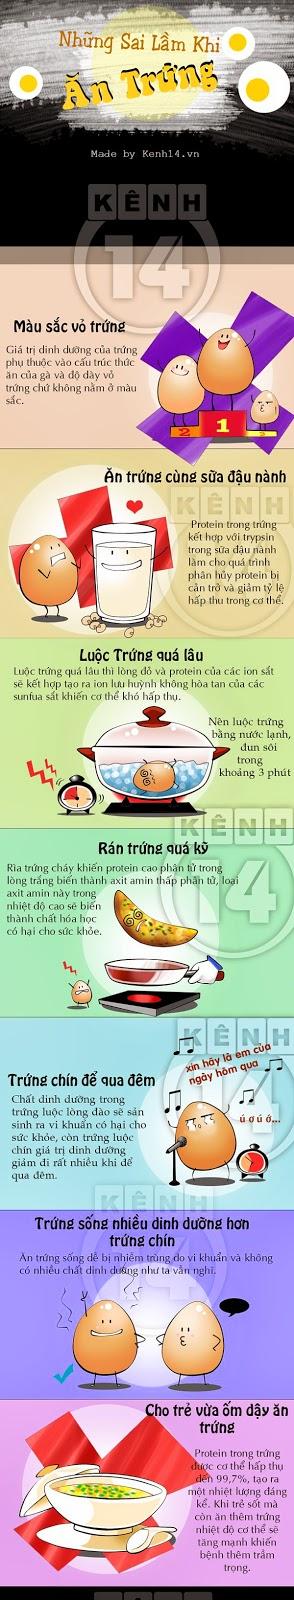 Những sai lầm khi ăn trứng và chế biến trứng !